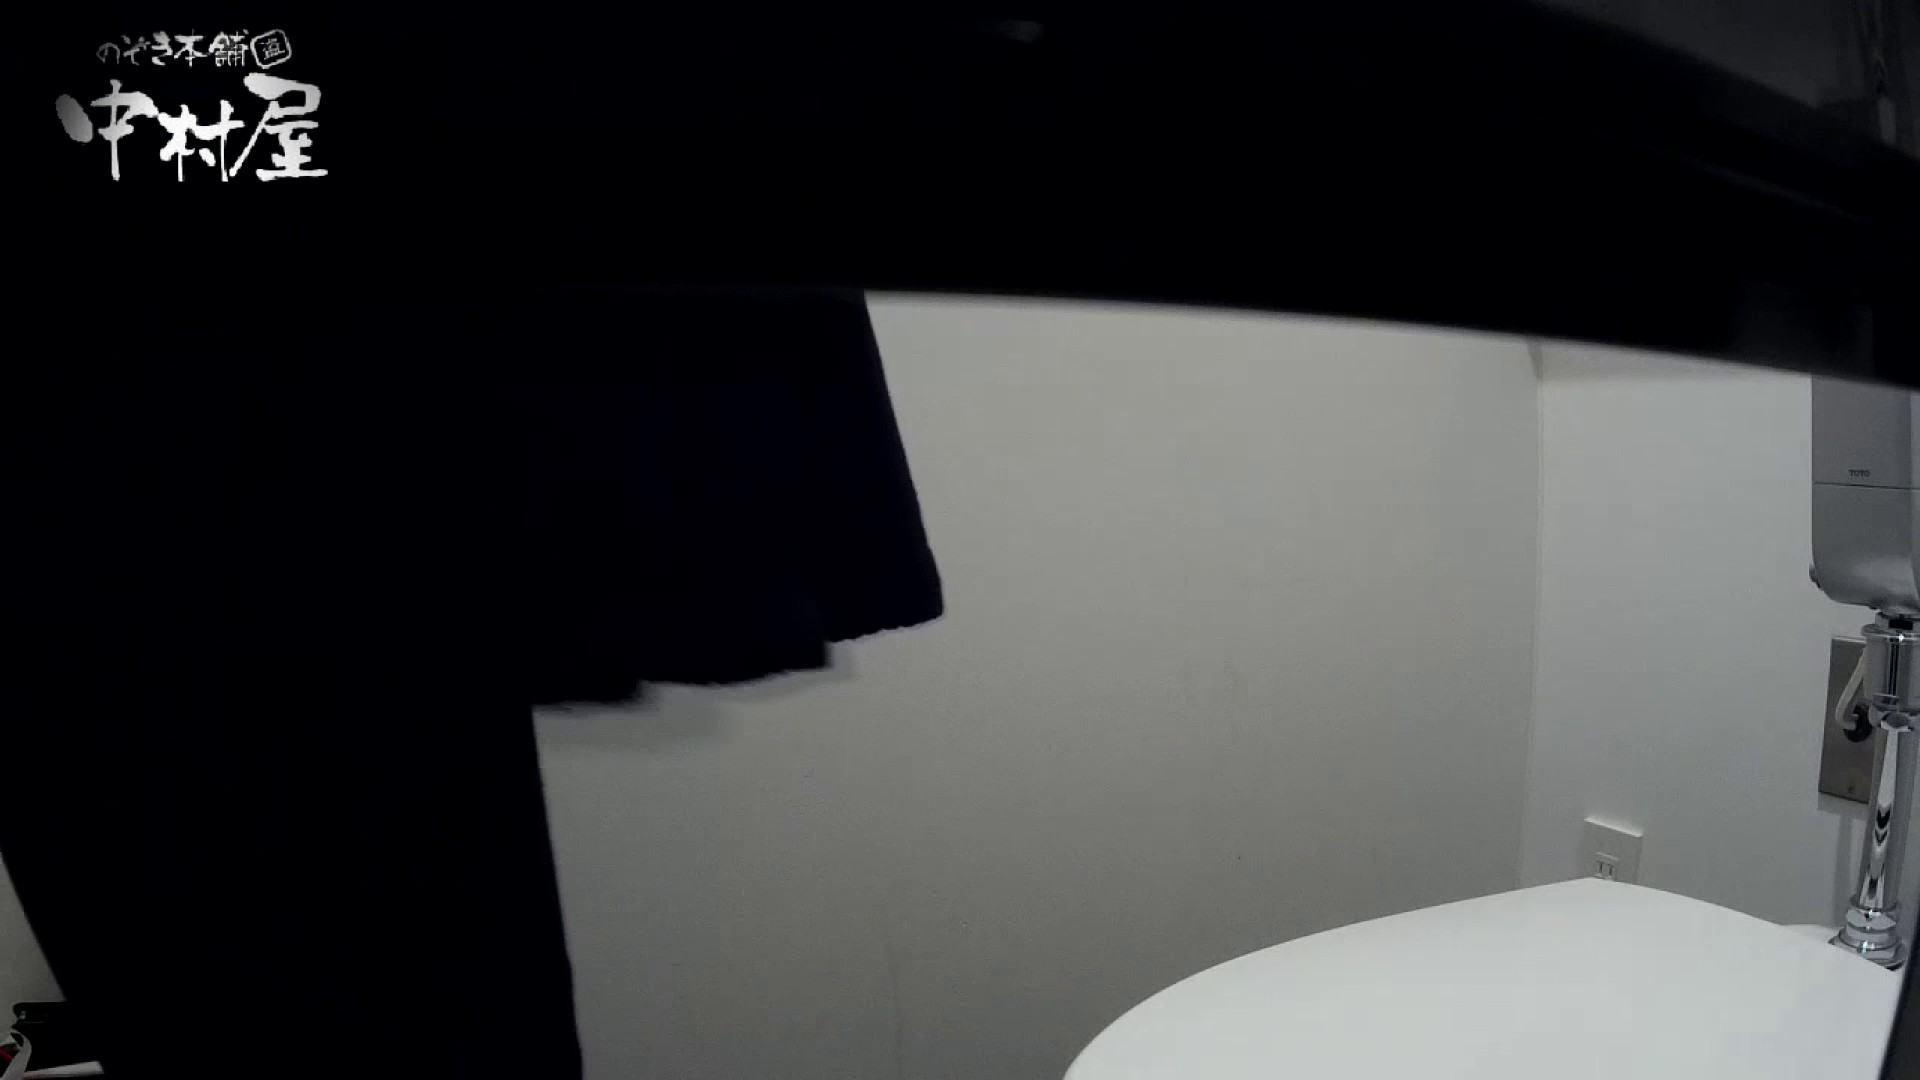 有名大学女性洗面所 vol.54 設置撮影最高峰!! 3視点でじっくり観察 潜入突撃   投稿  94pic 26